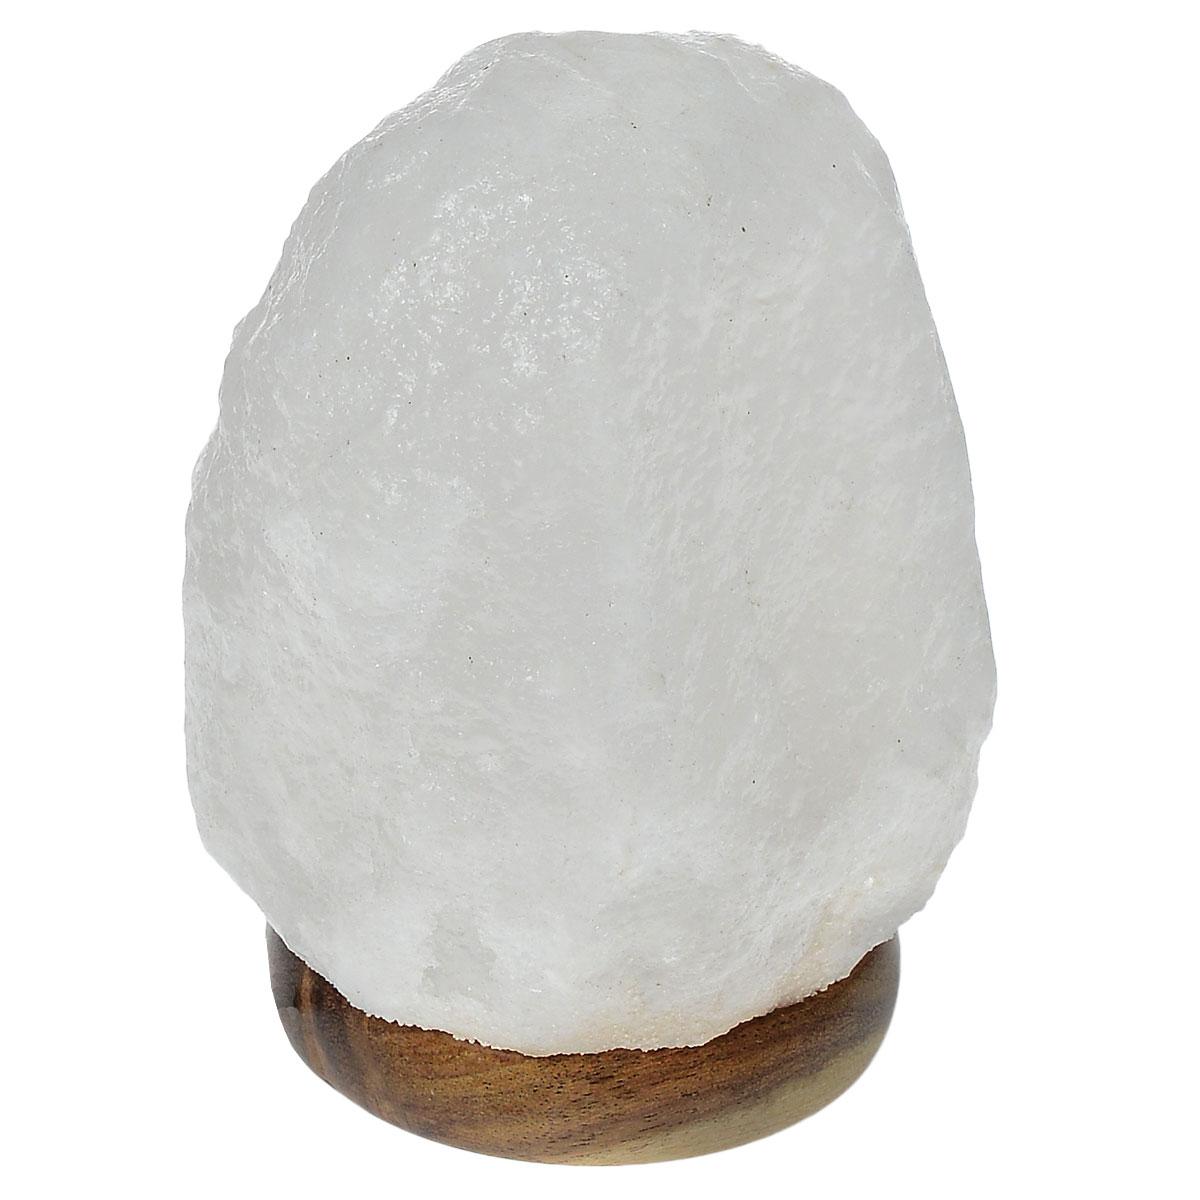 Лампа солевая Zenet Скала. 700700Лампа Zenet Скала, изготовленная из природной каменной соли, работает от USB-порта. Материал плафона лампы - натуральная гималайская соль из Пакистана. Соль в холодном состоянии обладает способностью поглощать влагу из воздуха, а при нагреве выделять влагу. Источником света в лампе служит электрическая лампочка (входит в комплект). Изделие имеет деревянную подставку. Солевая лампа станет не только прекрасным элементом интерьера, но и мягким природным ионизатором, который принесет в ваш дом красоту, гармонию и здоровье. Преимущества очищения воздуха каменной солью: - облегчение головной боли при мигрени, - повышение уровня серотонина в крови, - уменьшение тяжести приступов астмы, - укрепление иммунной системы и снижение уязвимости к простуде и гриппу.